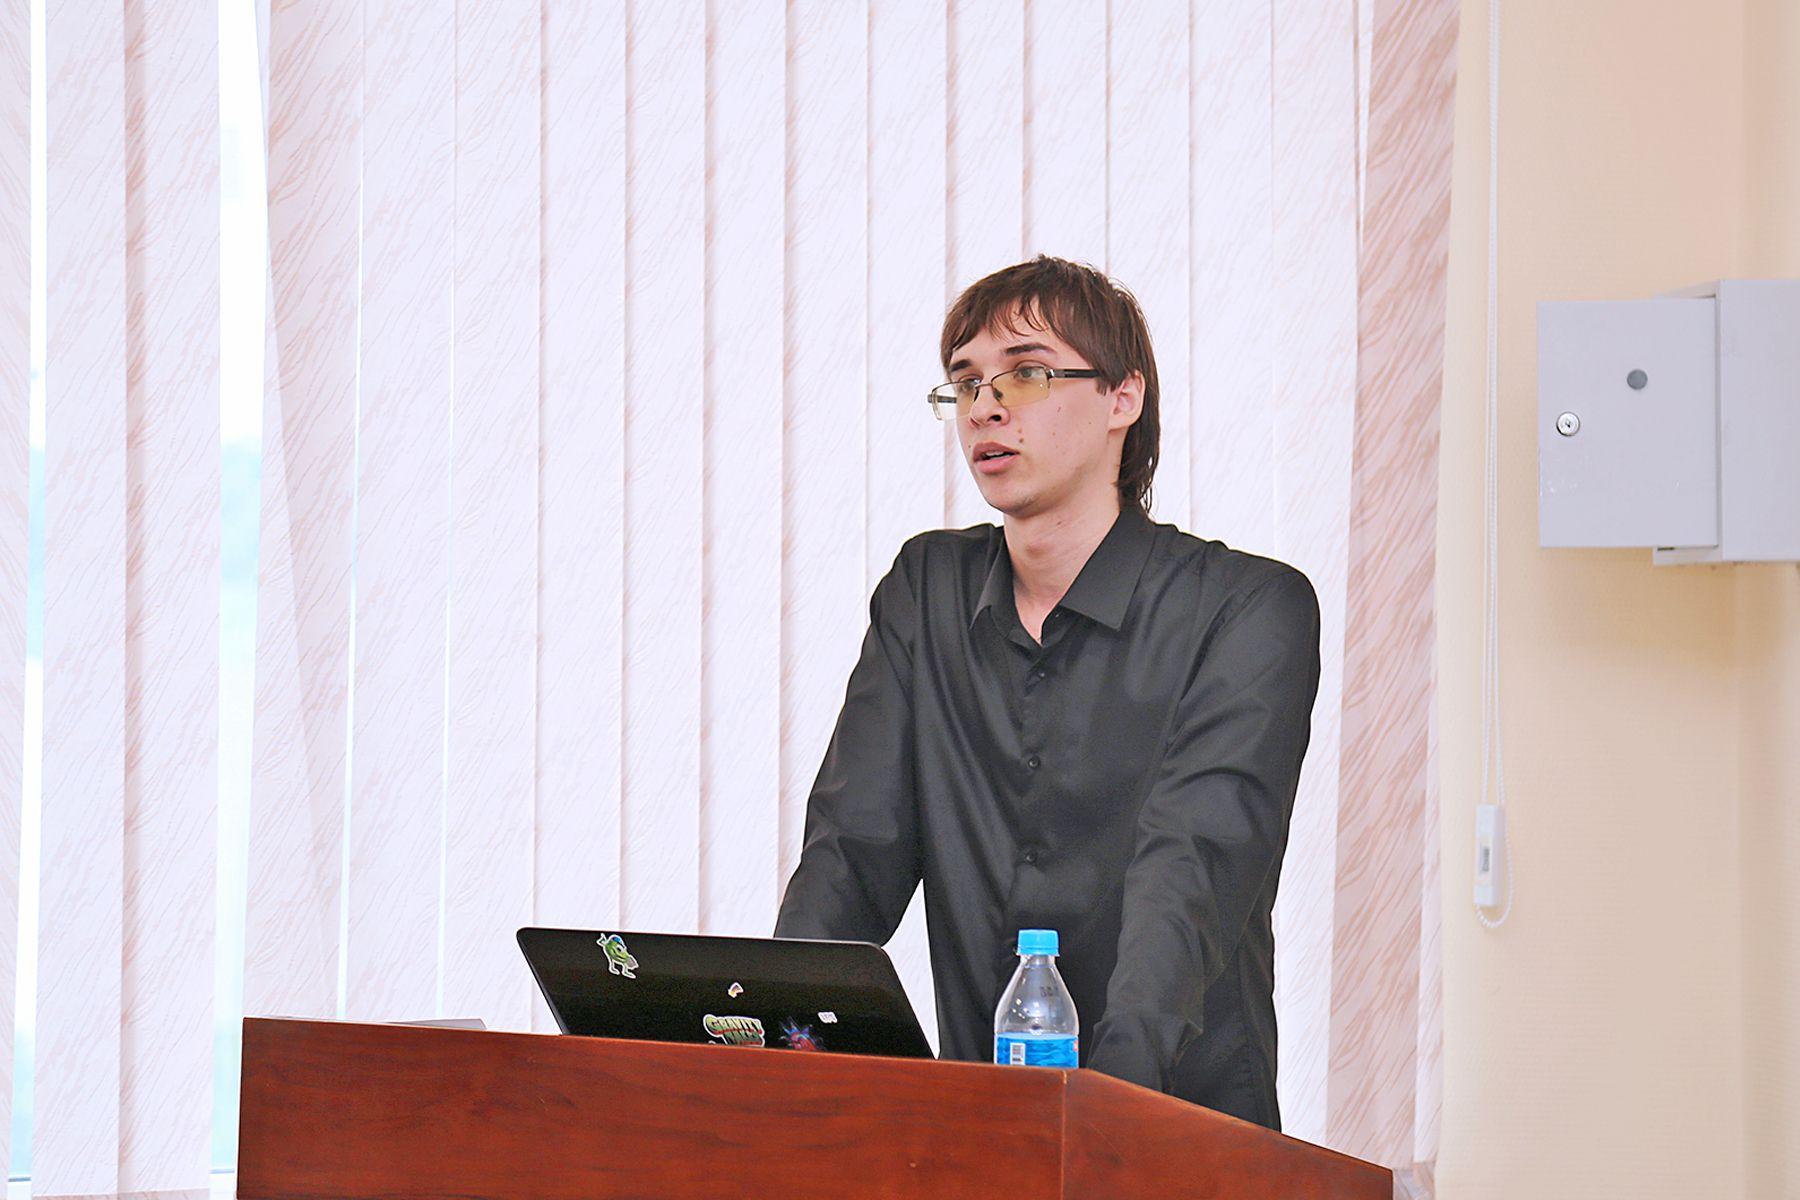 Институт информационных технологий ВГУЭС: востребованная профессия и